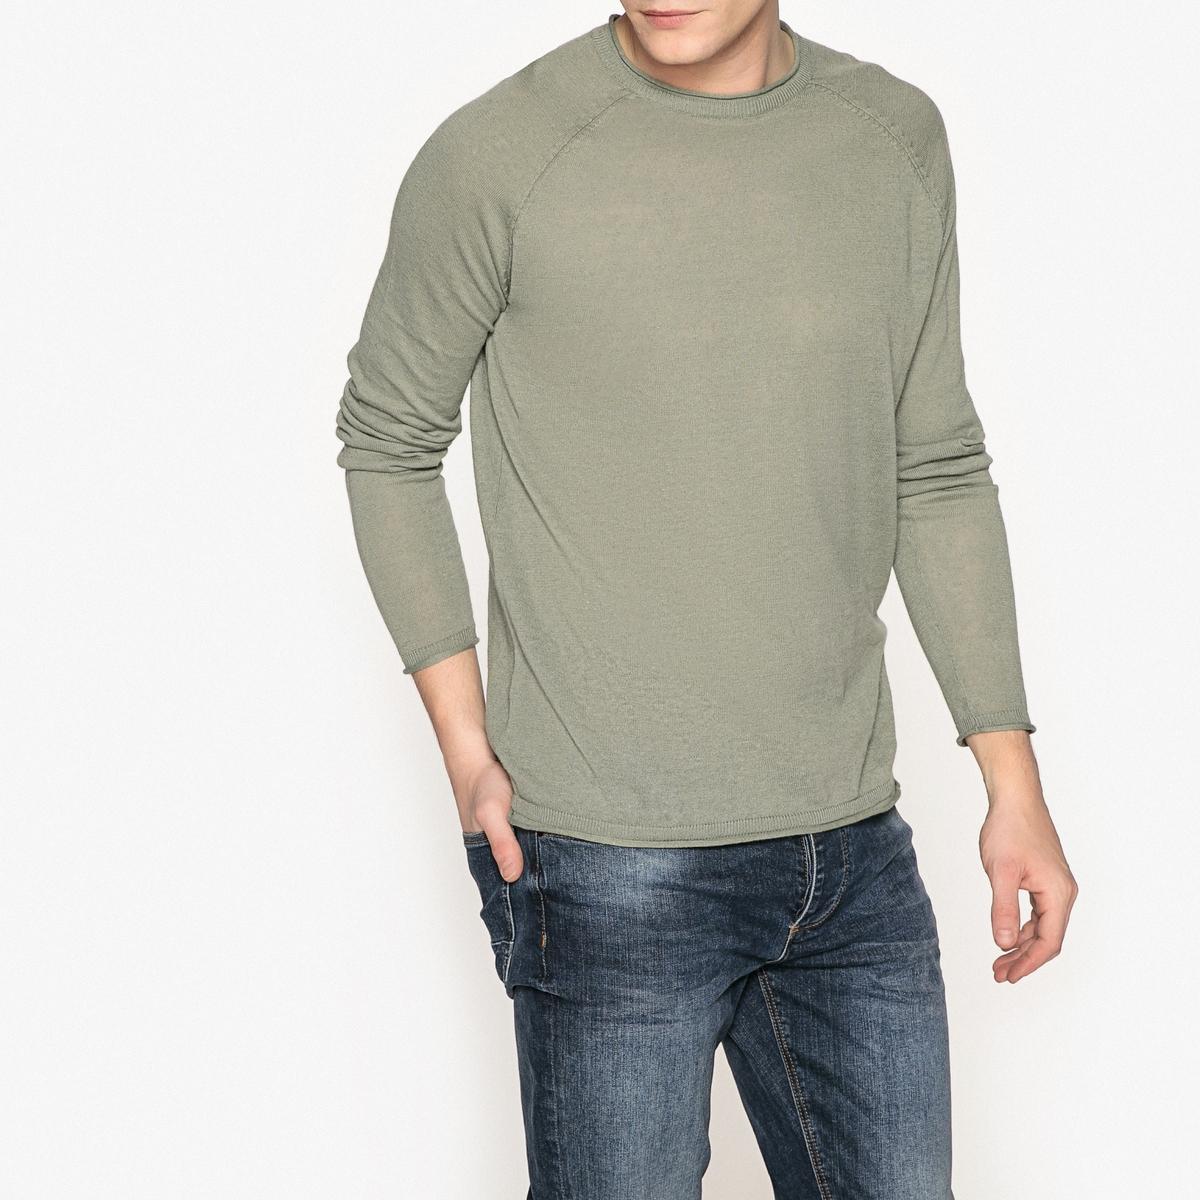 Camisola de gola redonda, mangas raglan, em algodão e linho